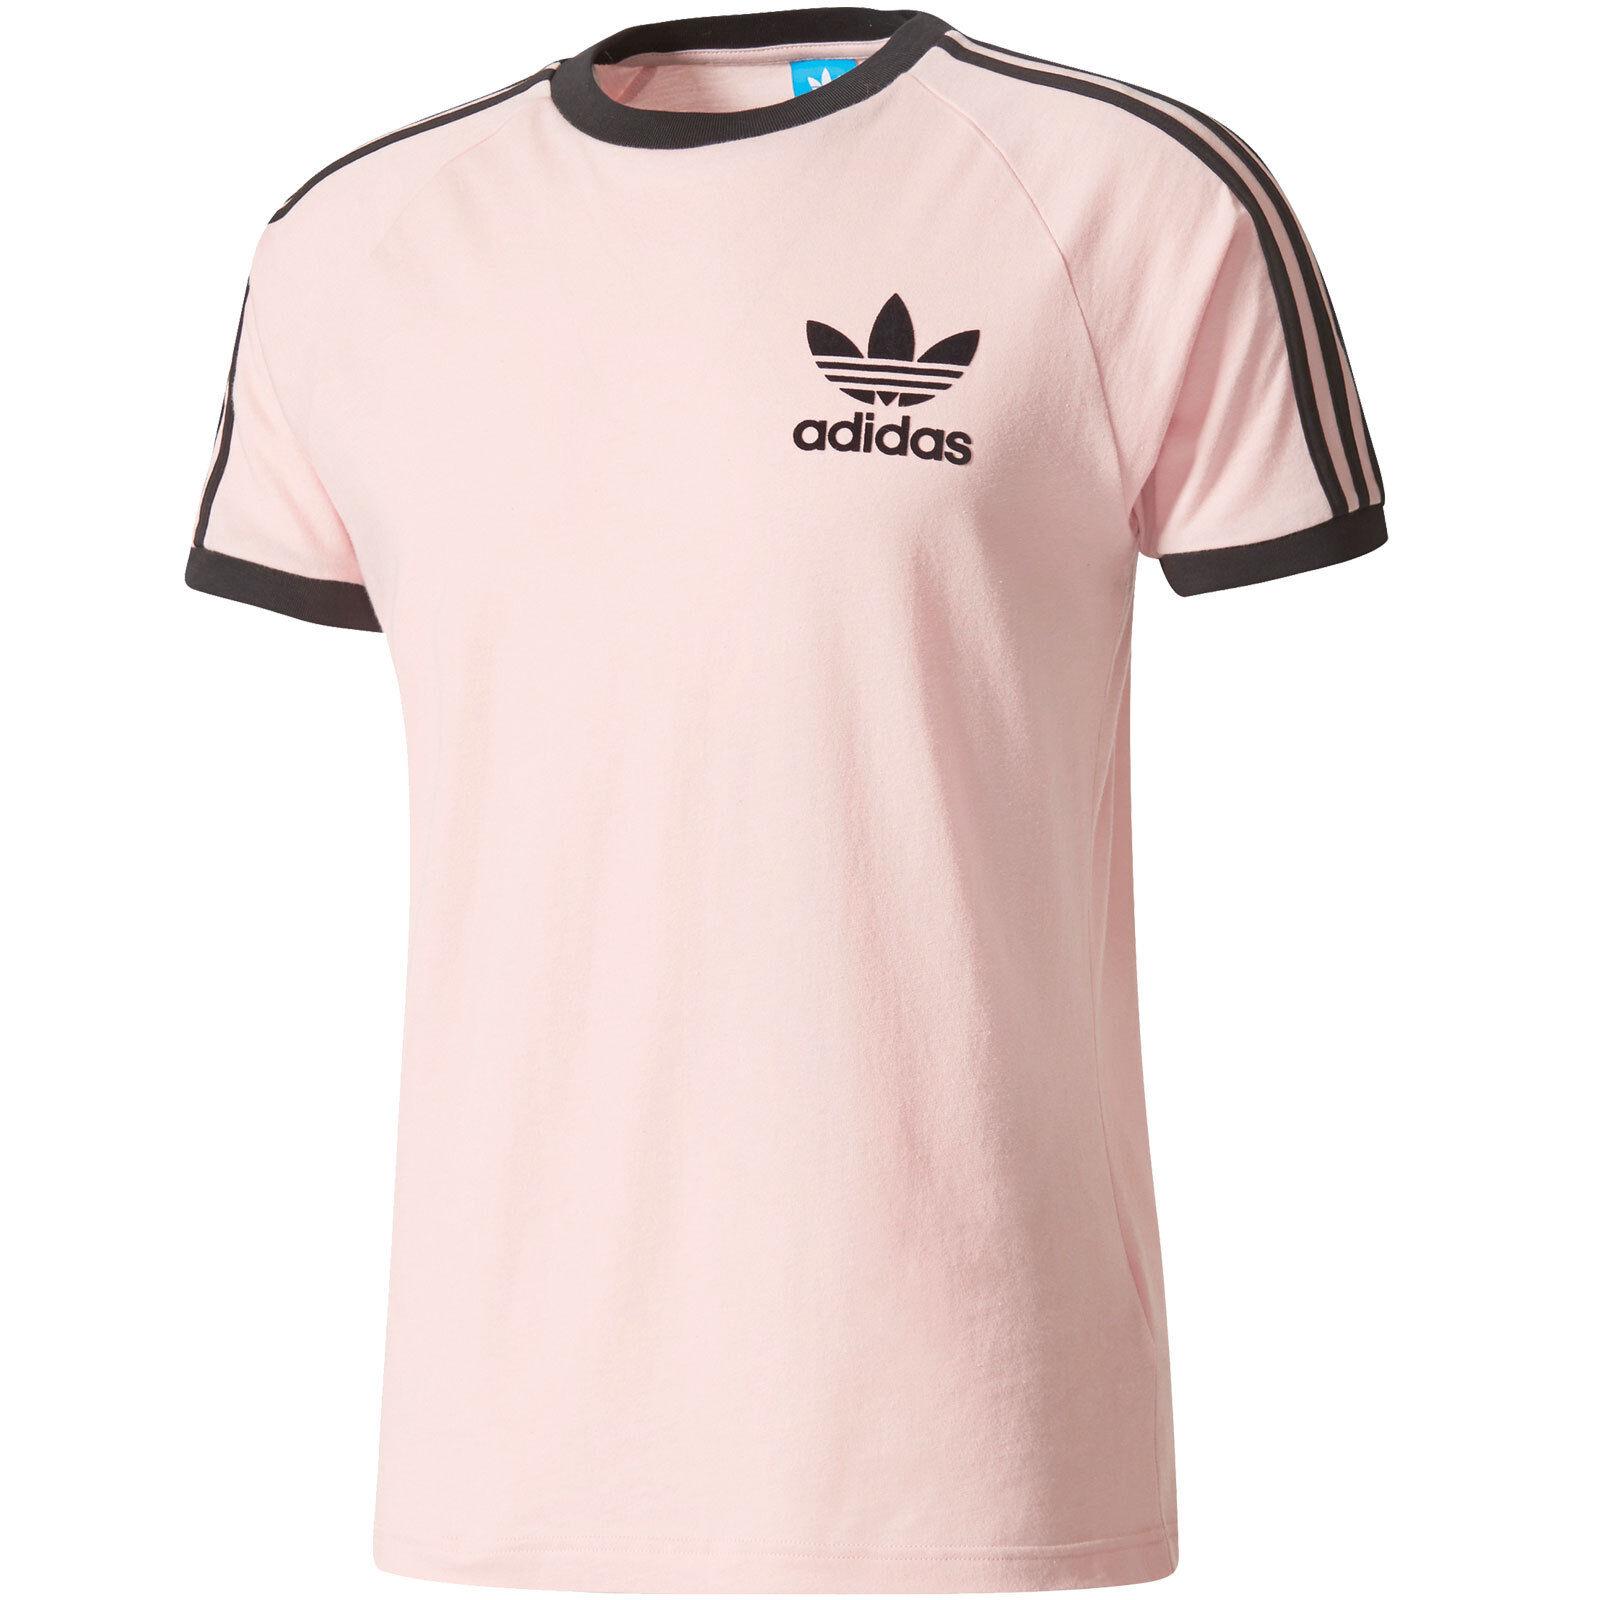 Мужская футболка Футболка с тремя полосками adidas Originals, Калифорния, футболка Herren, футболка Oberteil Kurzarm